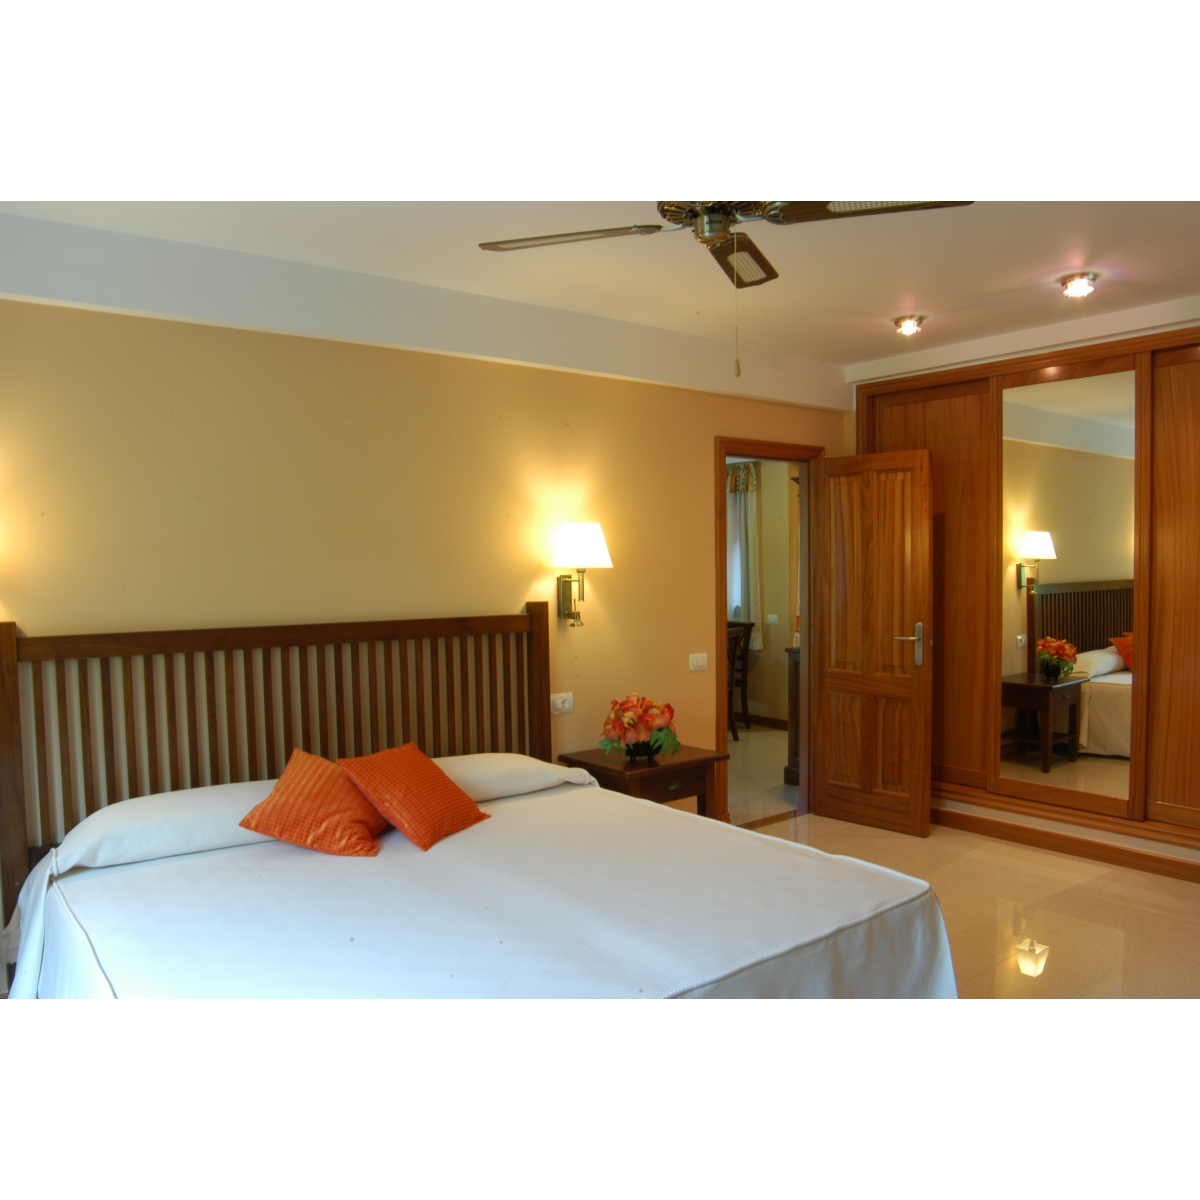 Hotel El Galeón (S/C de La Palma) -Family Apartment  - 2 Persons O.A.